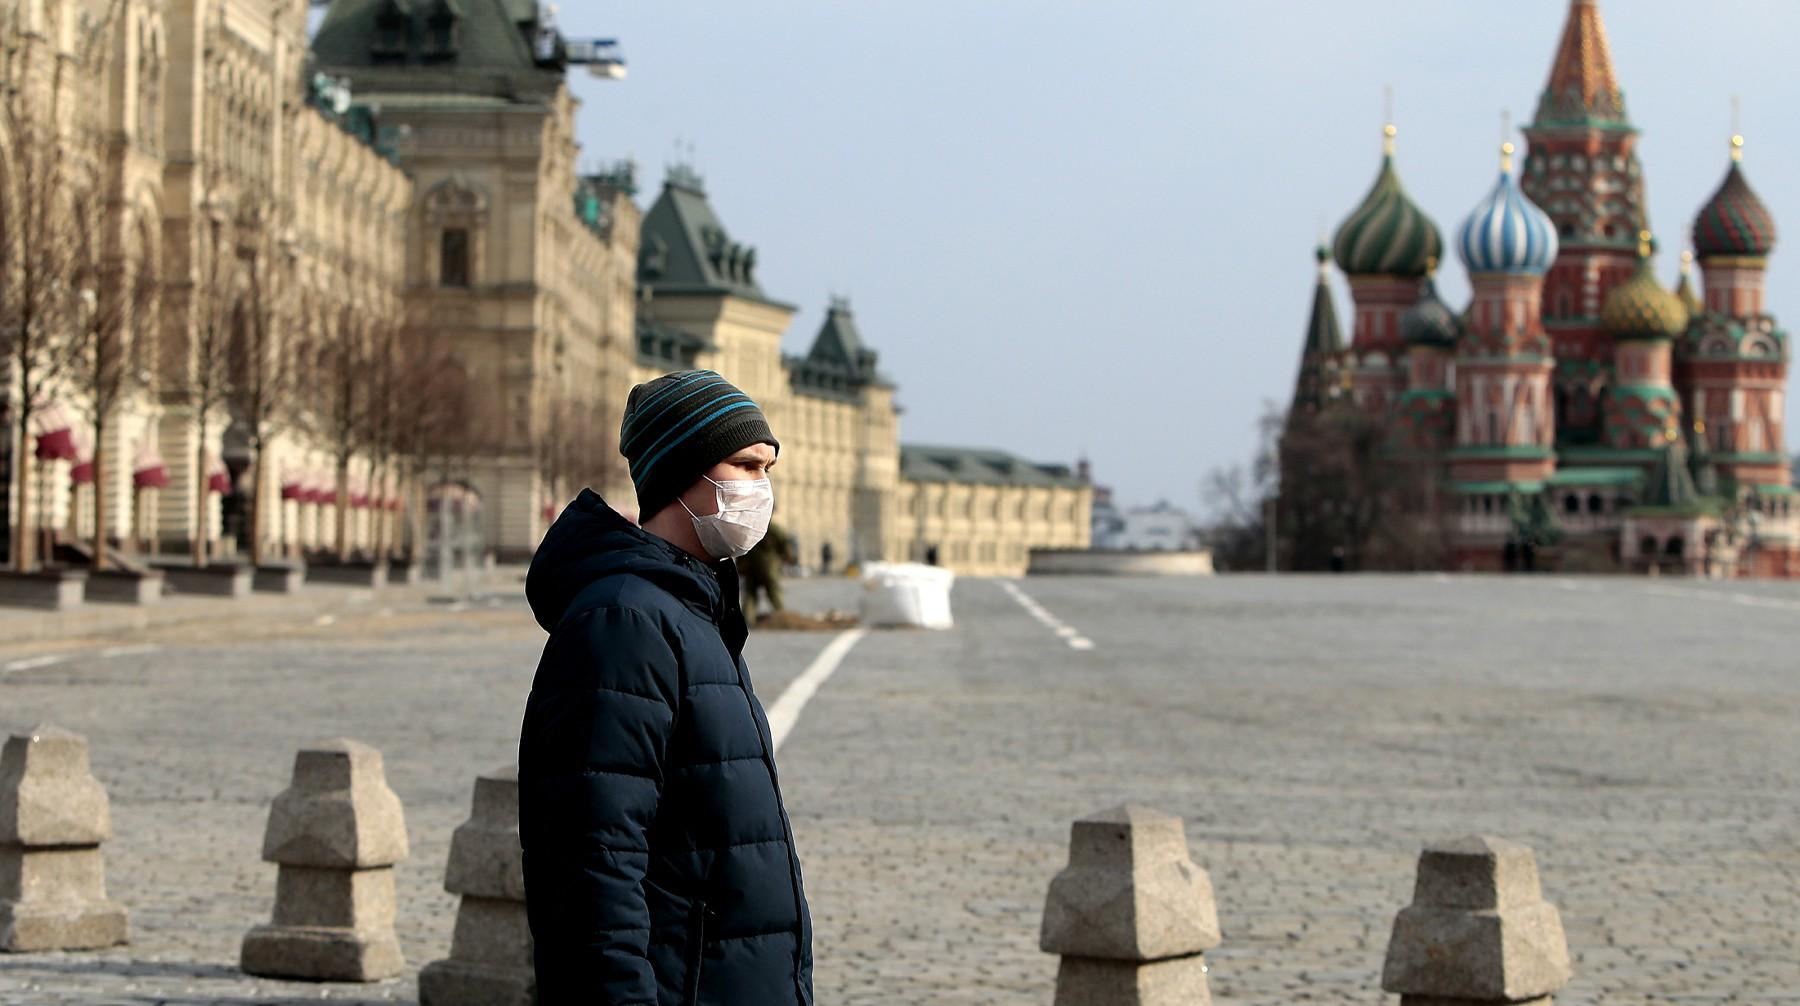 Названы обязательные условия для передвижения по Москве пешком